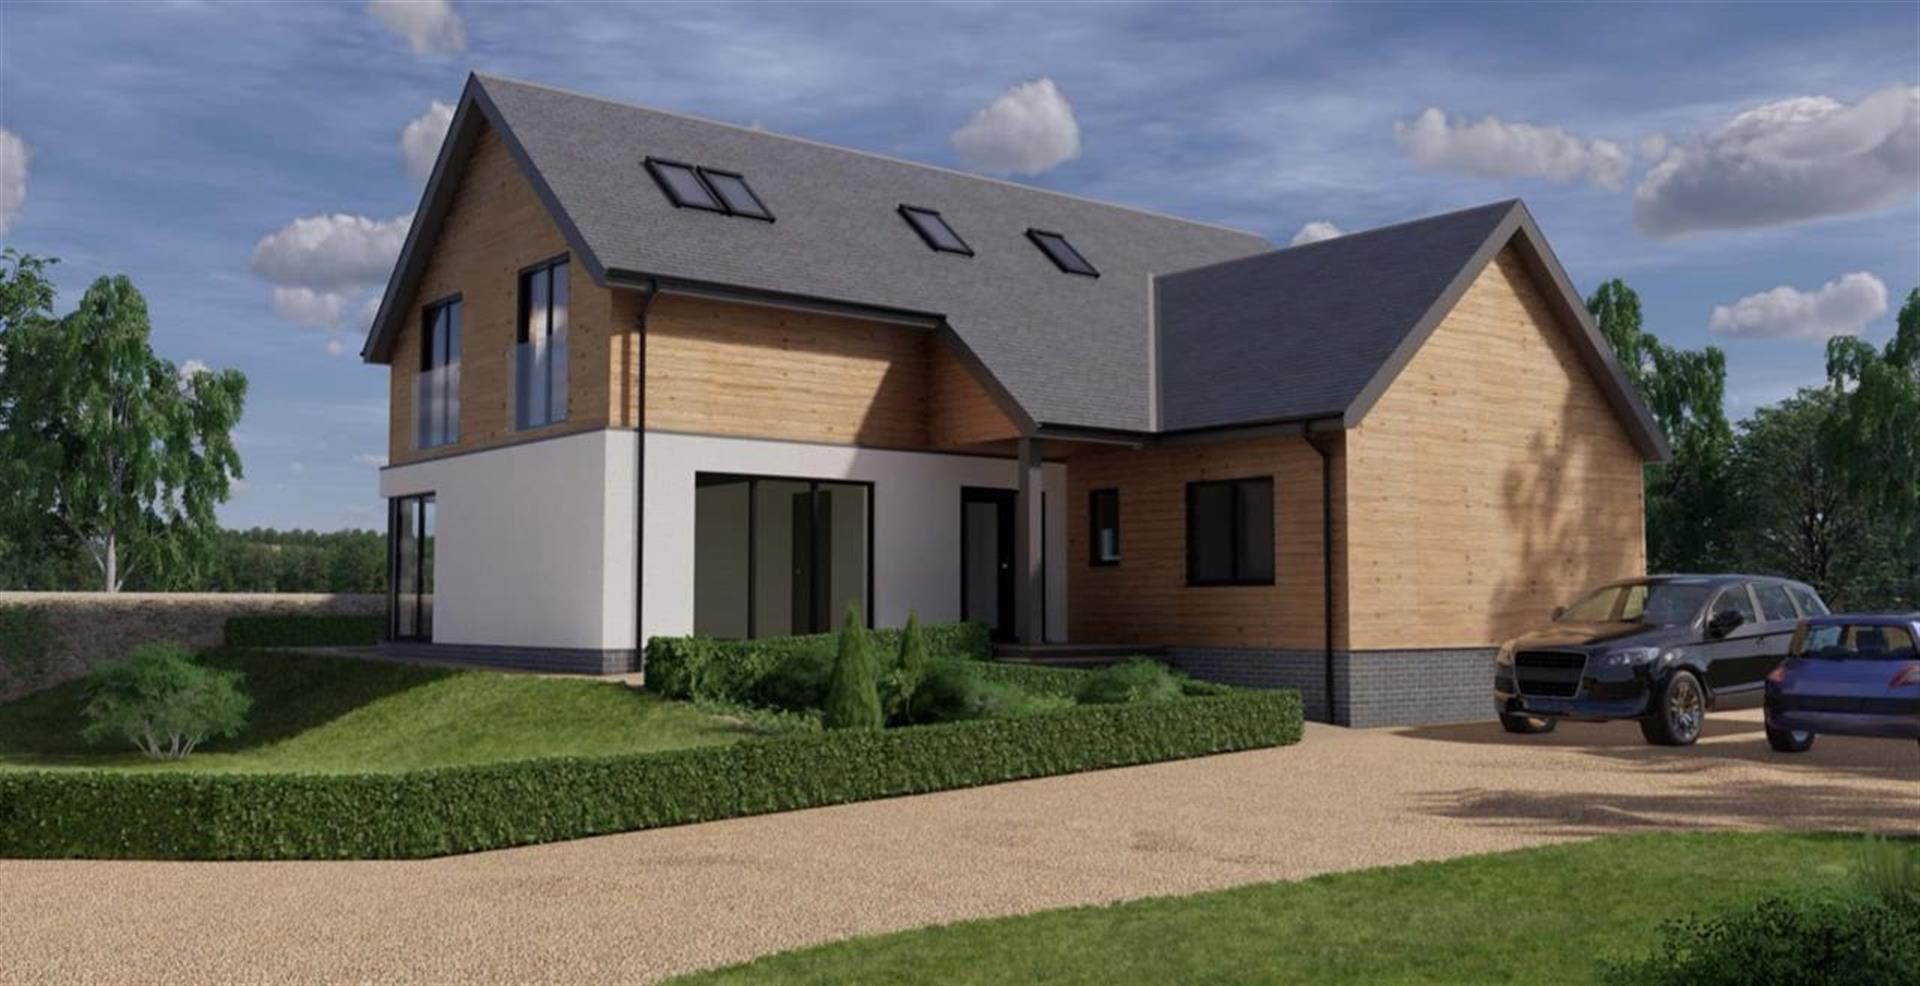 5 Bedroom Detached House For Sale - External Image